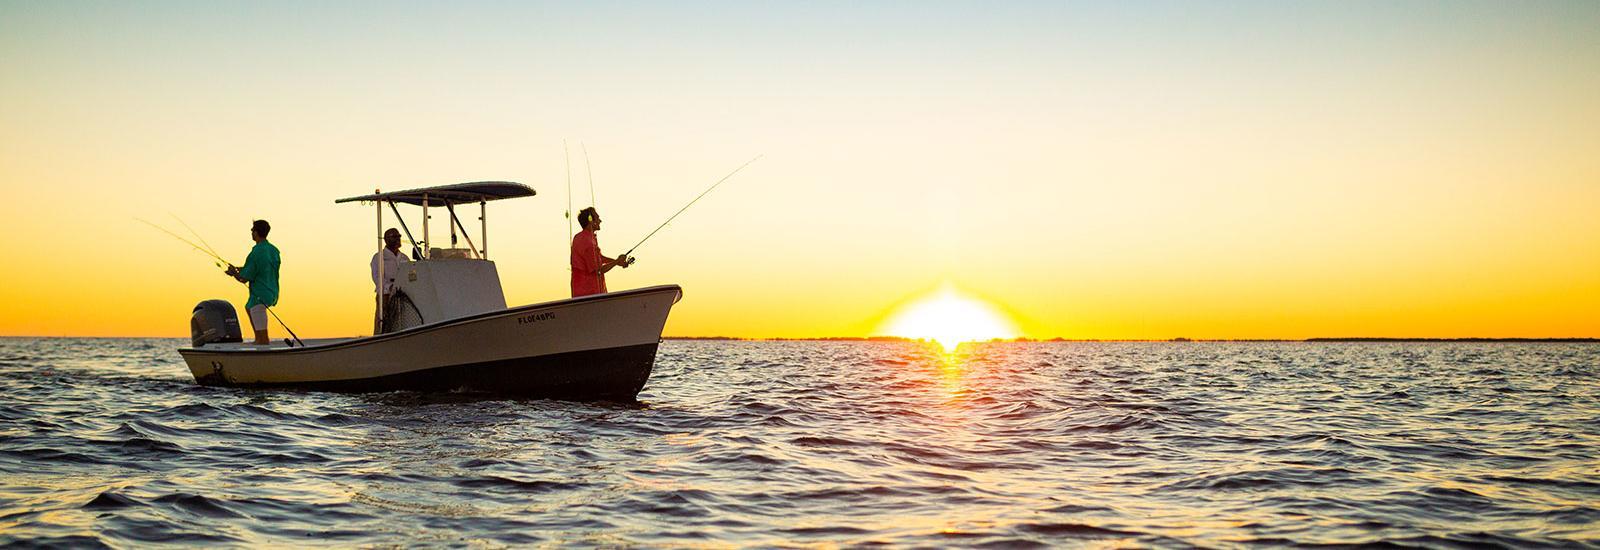 Sunset Fishing in Punta Gorda, Florida